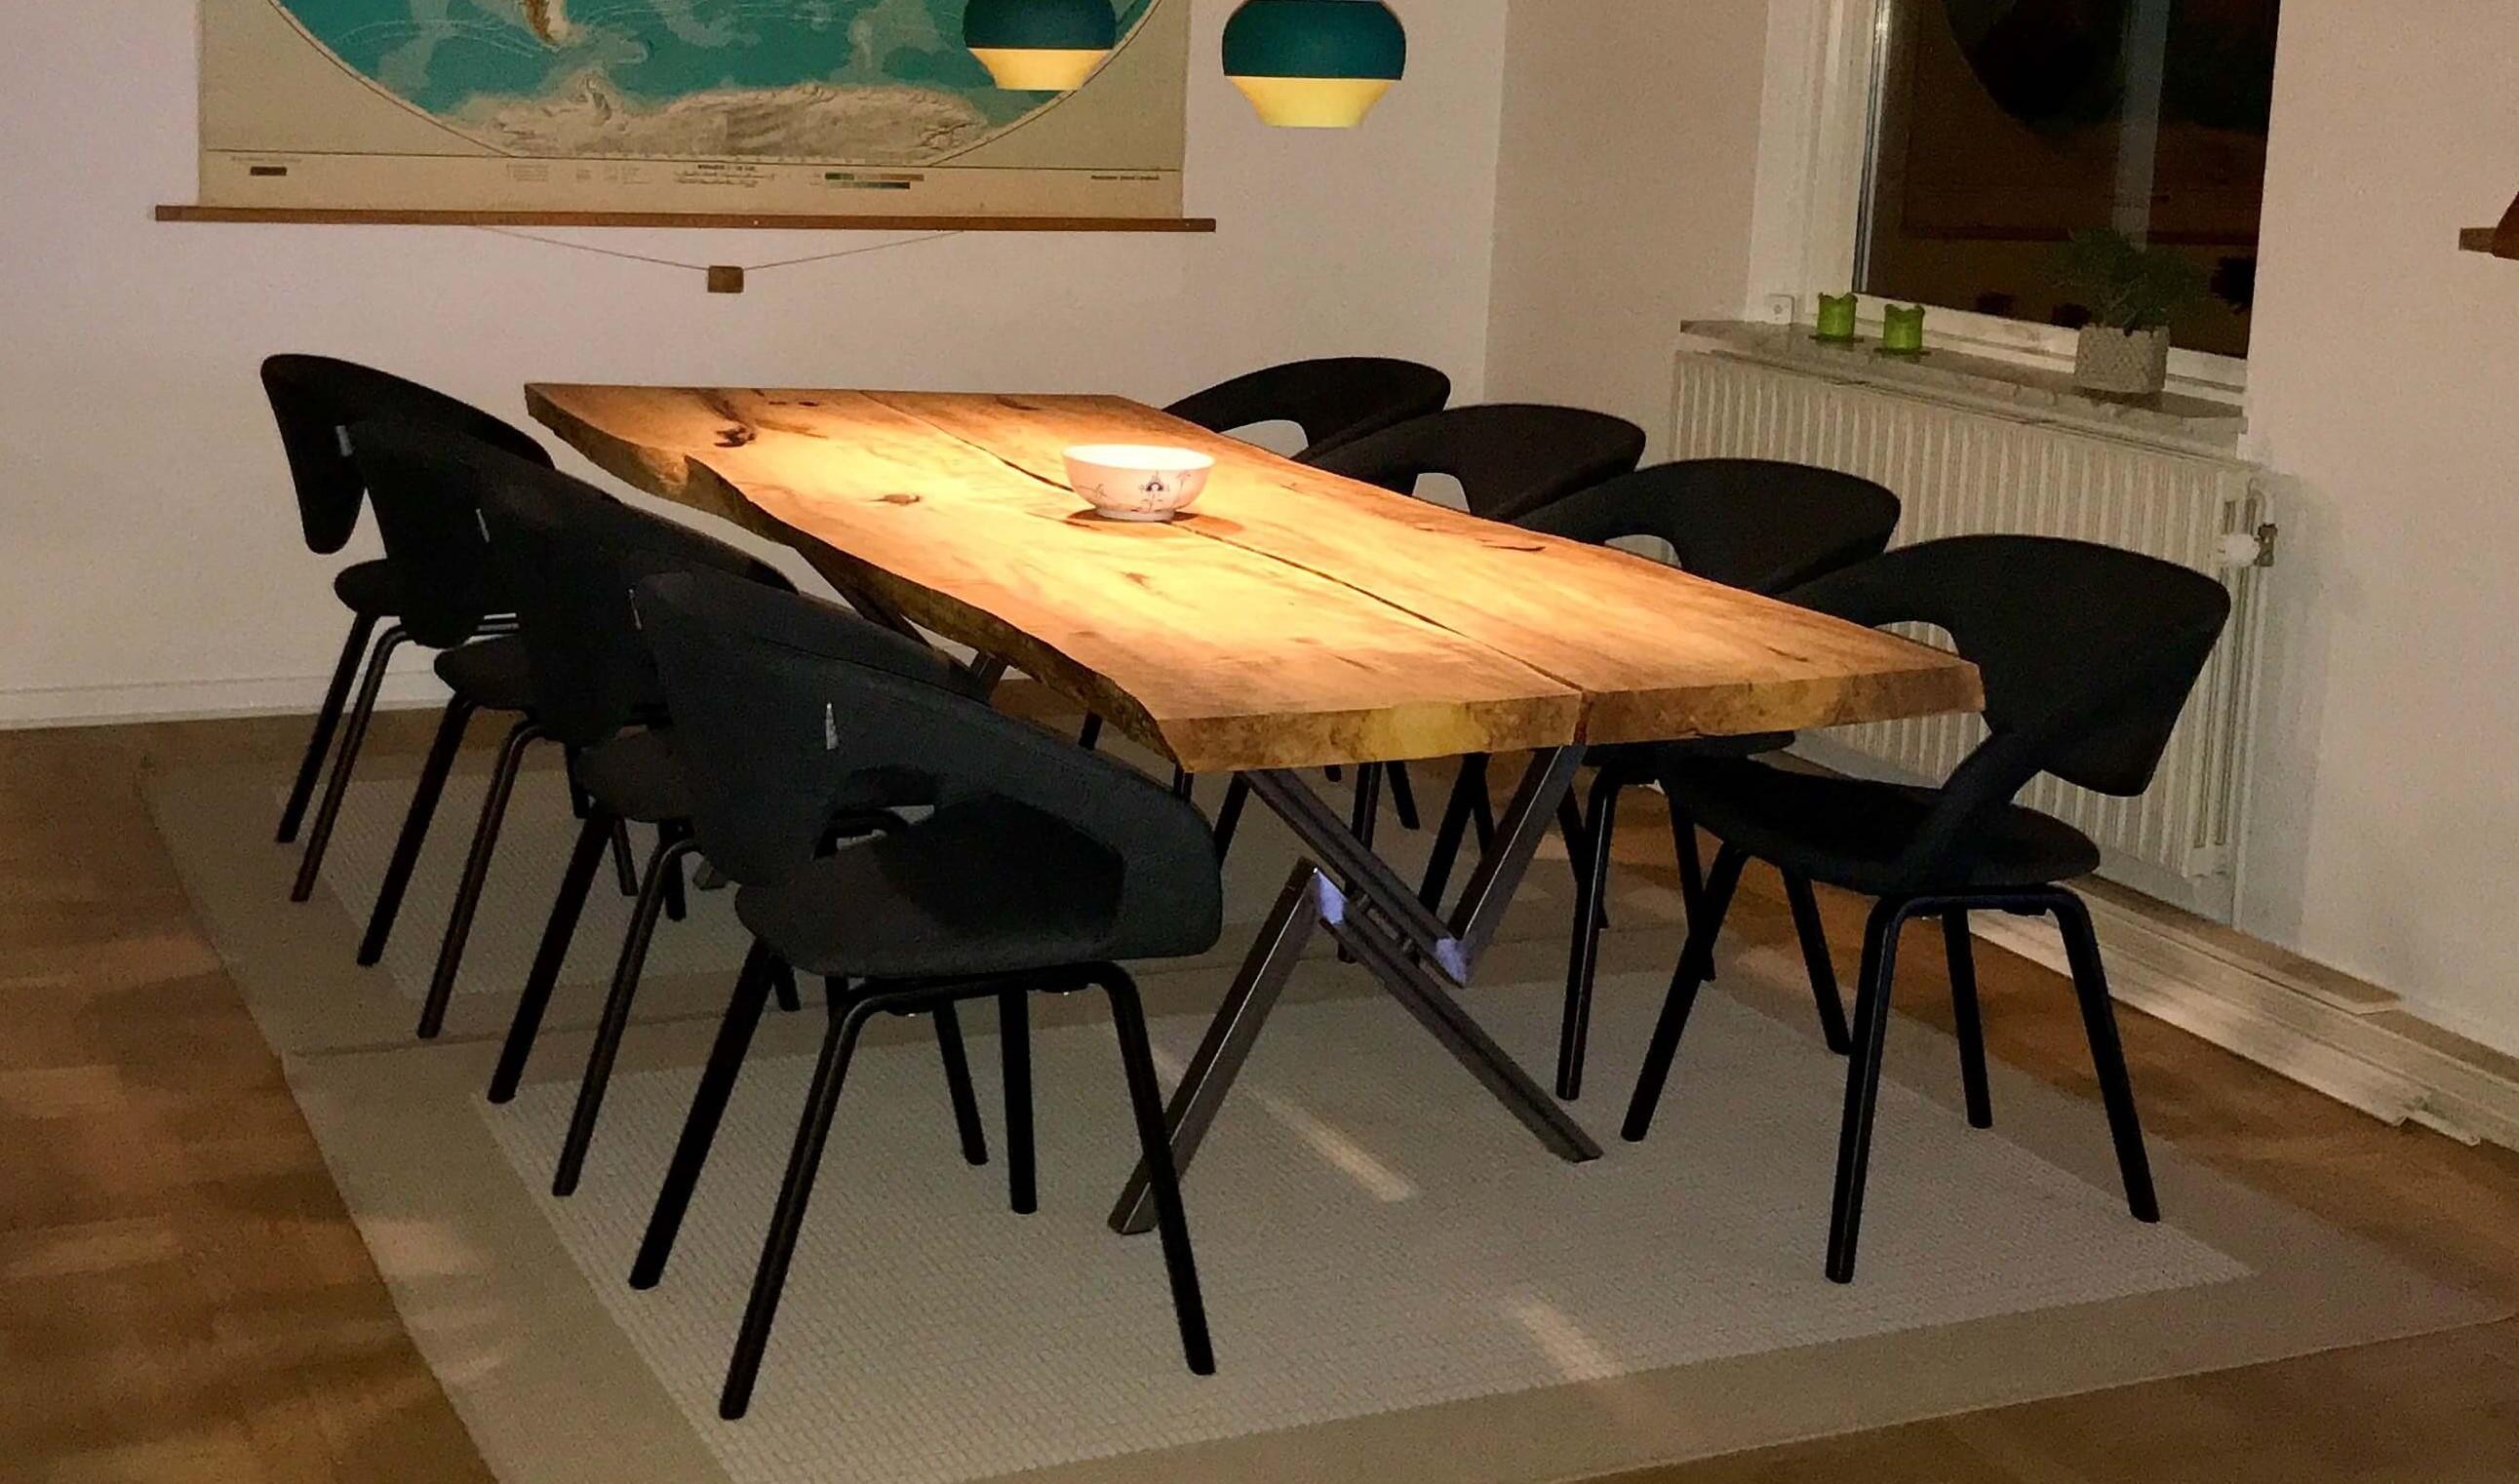 plankebord DIY Plankebord » 8 trin til at lave dit eget plankebord nemt og  plankebord